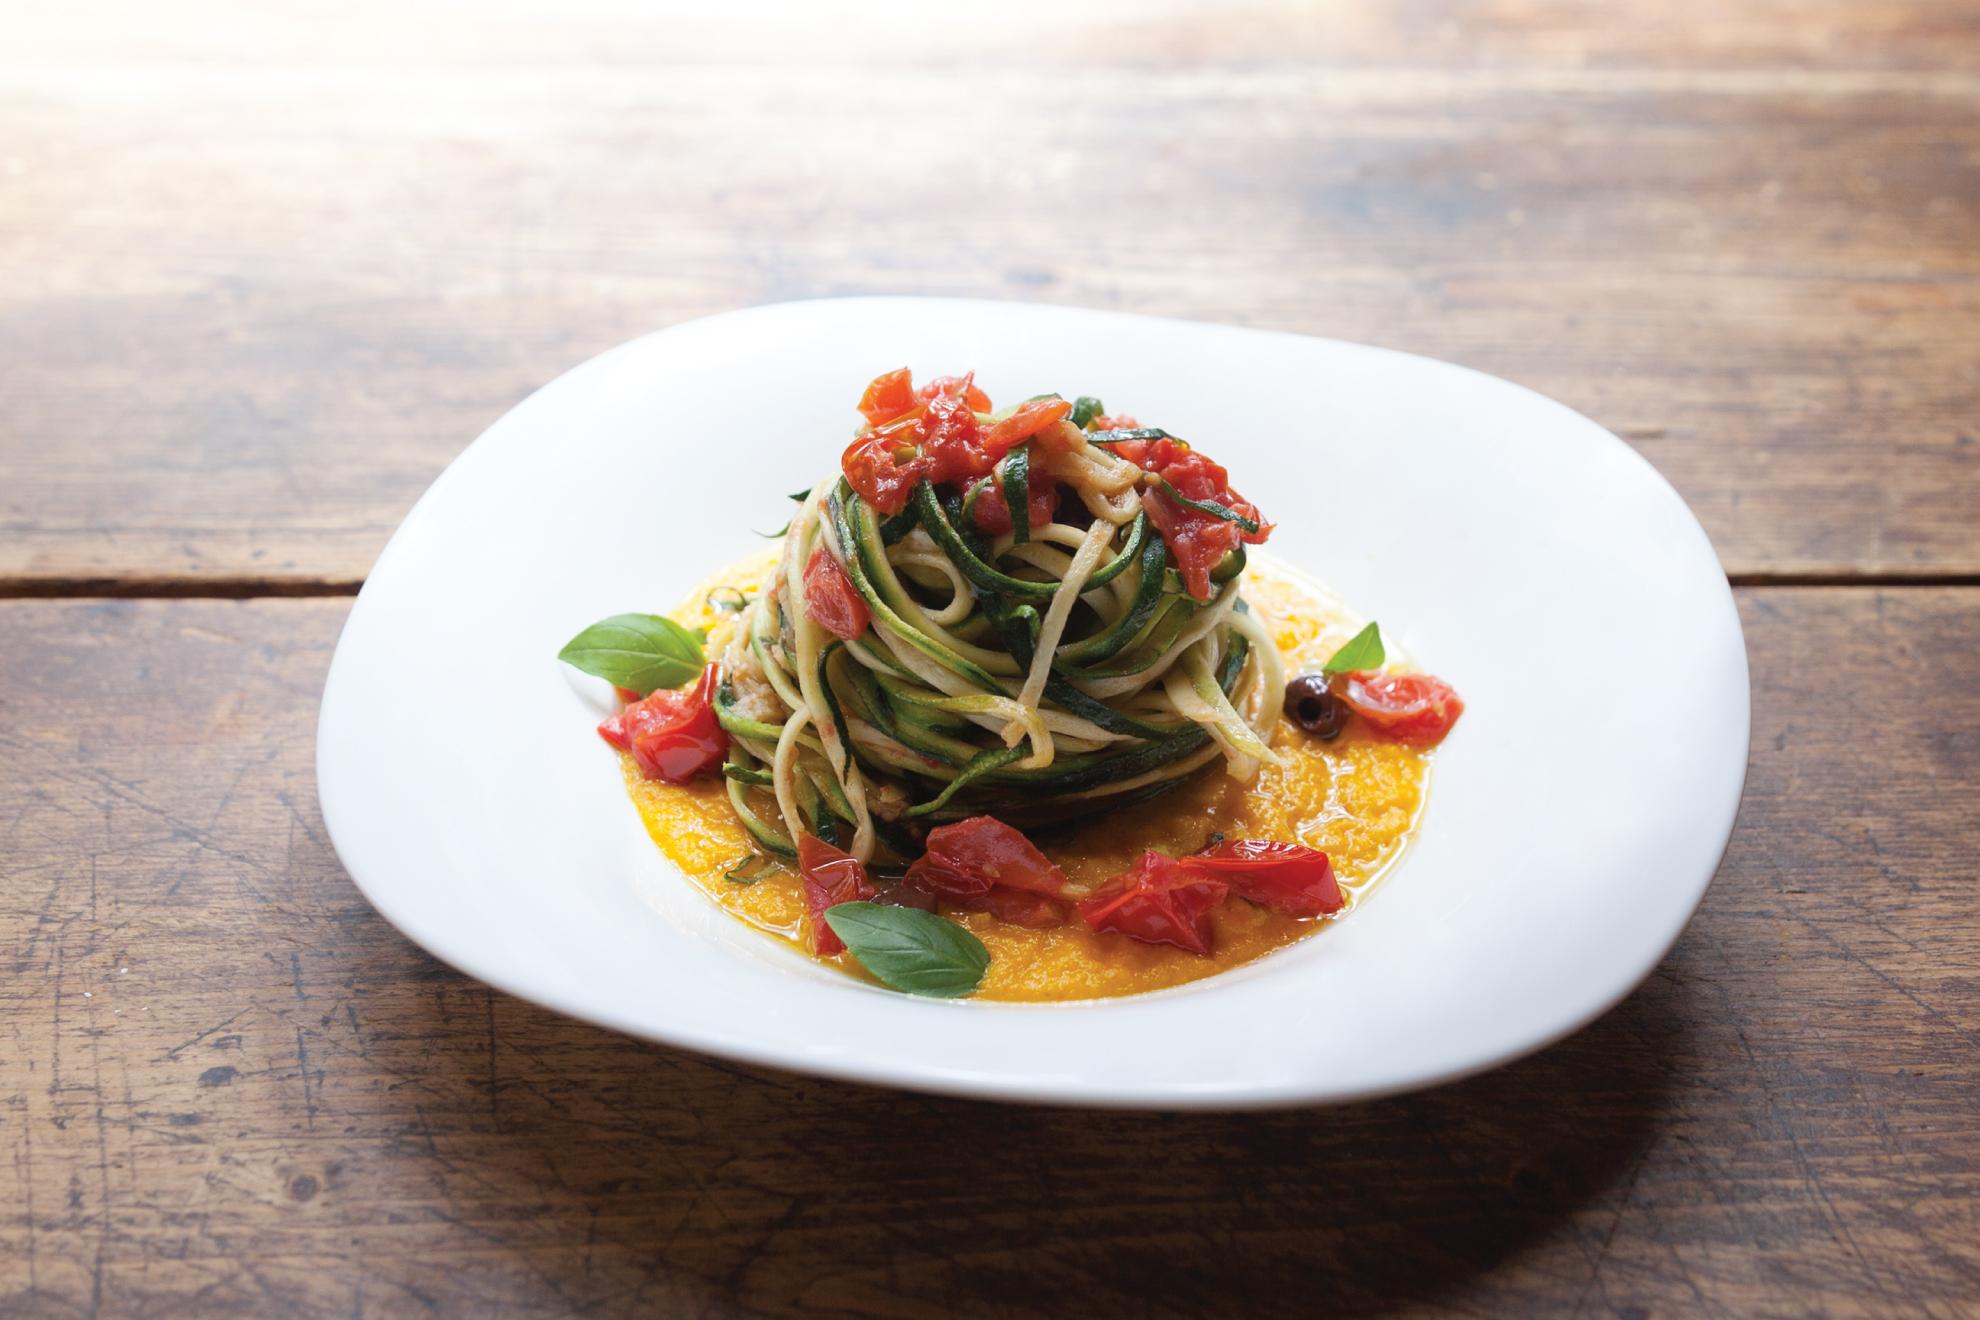 Spaghetti di carote con pomodorini, olive taggiasche su vellutata di brocc